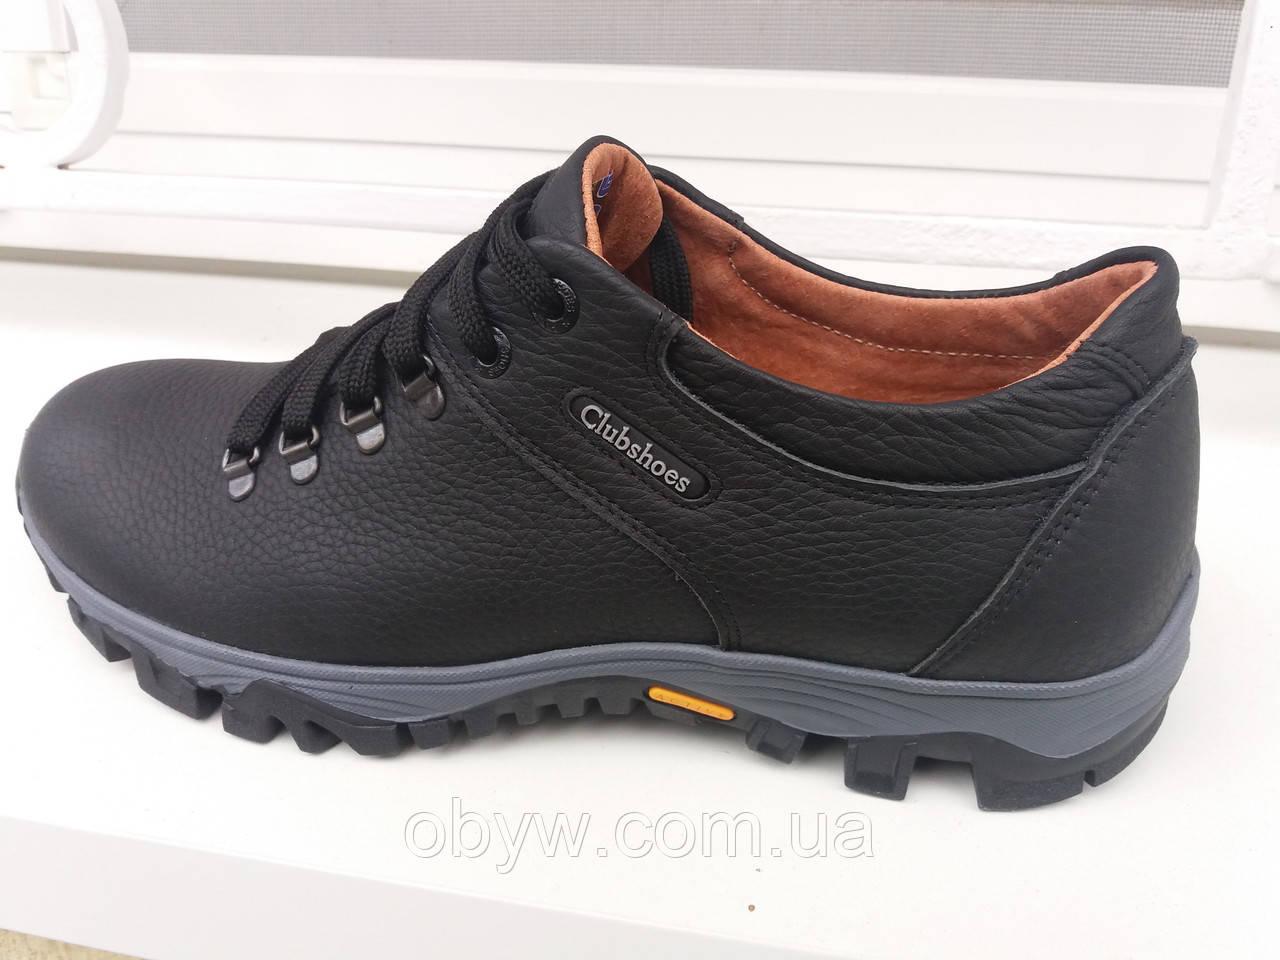 177a3fe82 Весенняя мужская обувь Cаlаmbia , цена 900 грн., купить в Днепре — Prom.ua  (ID#500433479)